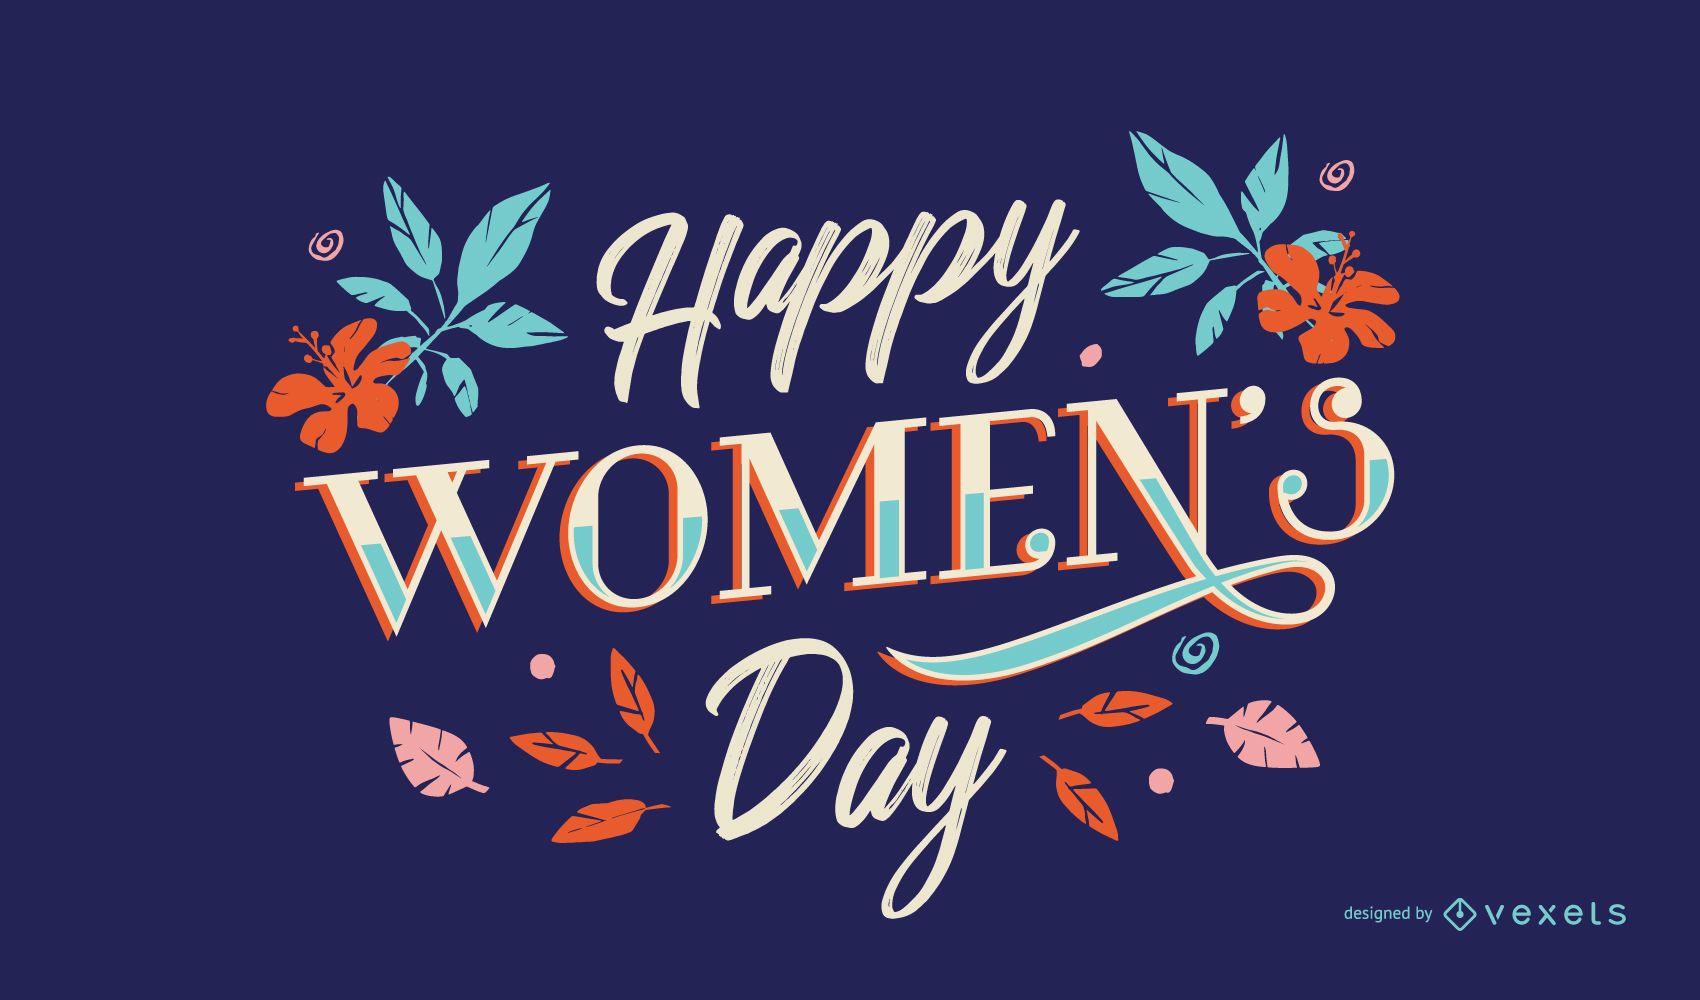 Happy women's day lettering